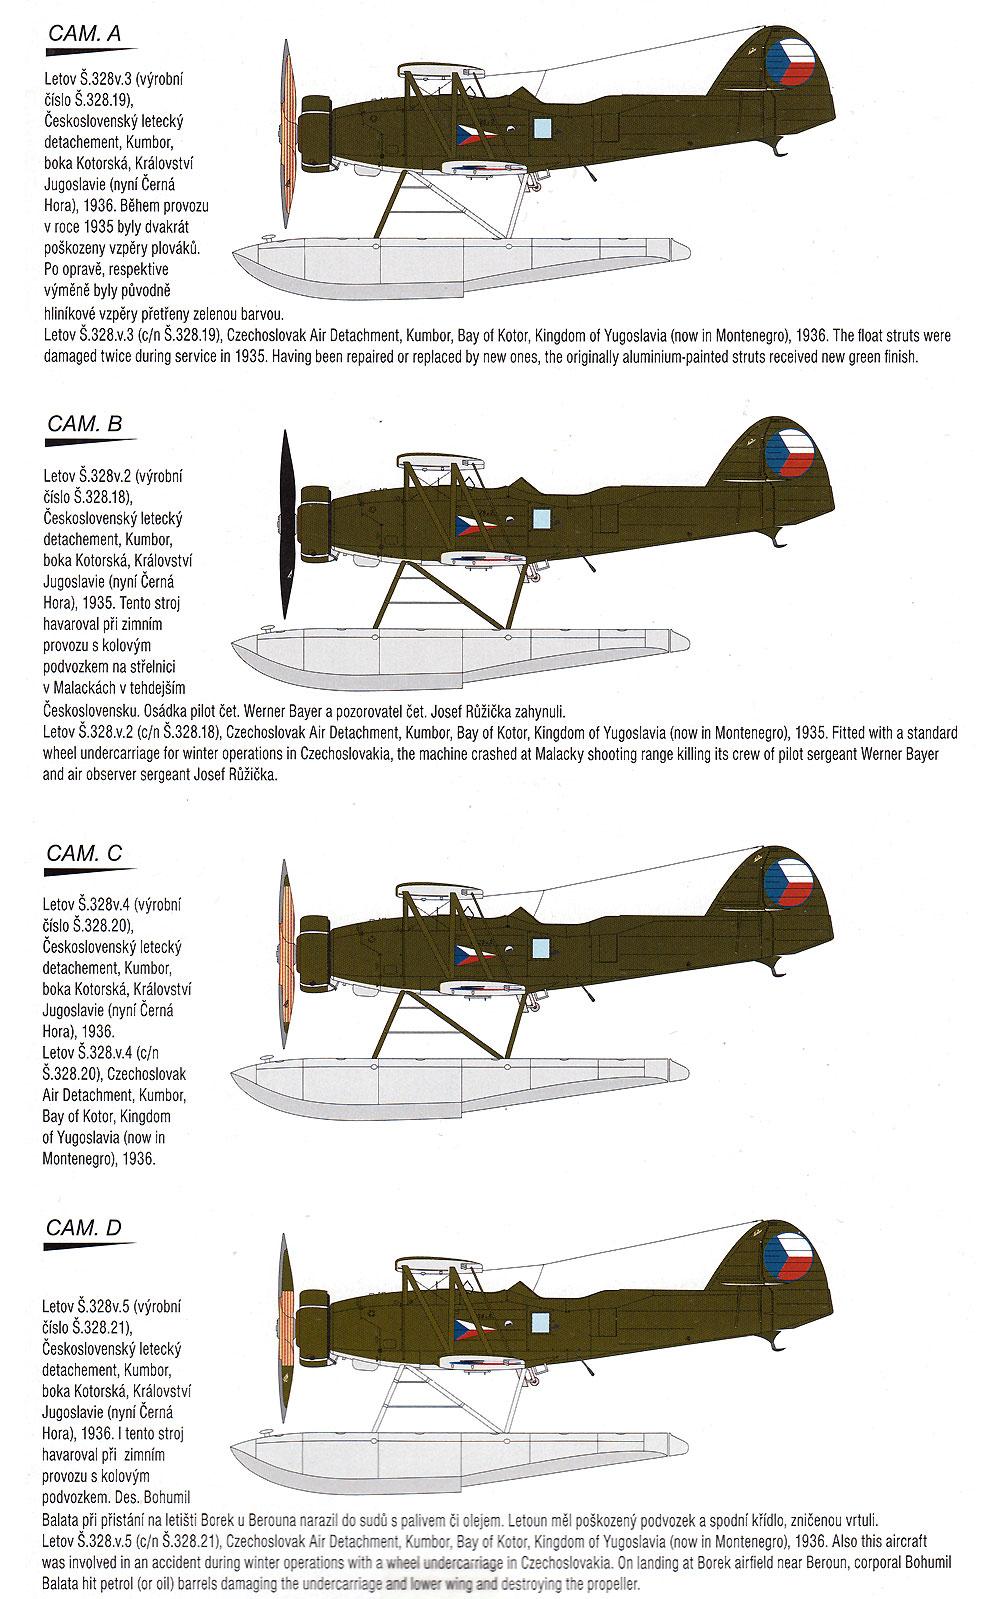 レトフ S.328v 水上機型プラモデル(スペシャルホビー1/72 エアクラフト プラモデルNo.SH72330)商品画像_2